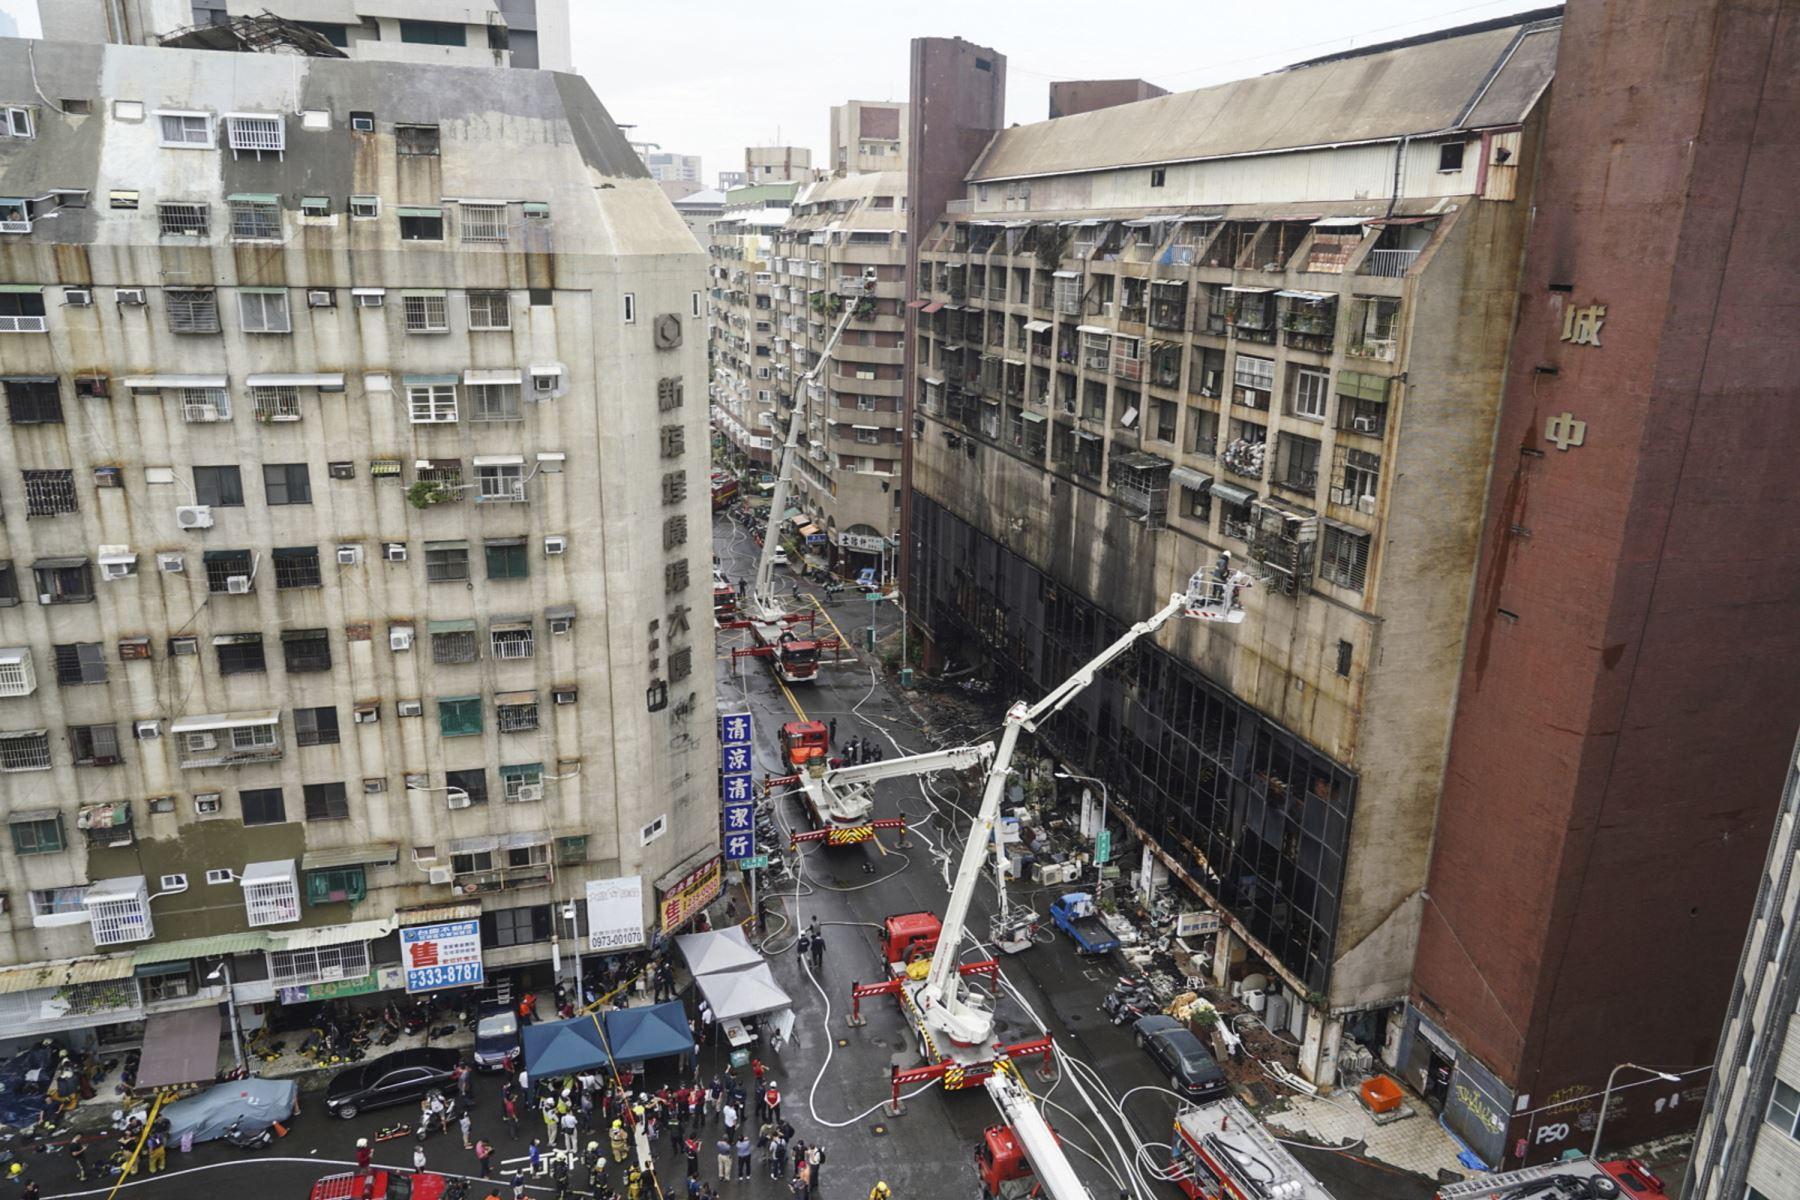 Operaciones de rescate después de que un incendio nocturno arrasara un edificio en la ciudad de Kaohsiung, en el sur de Taiwán, matando al menos a 46 personas e hiriendo a decenas de personas. Foto: AFP